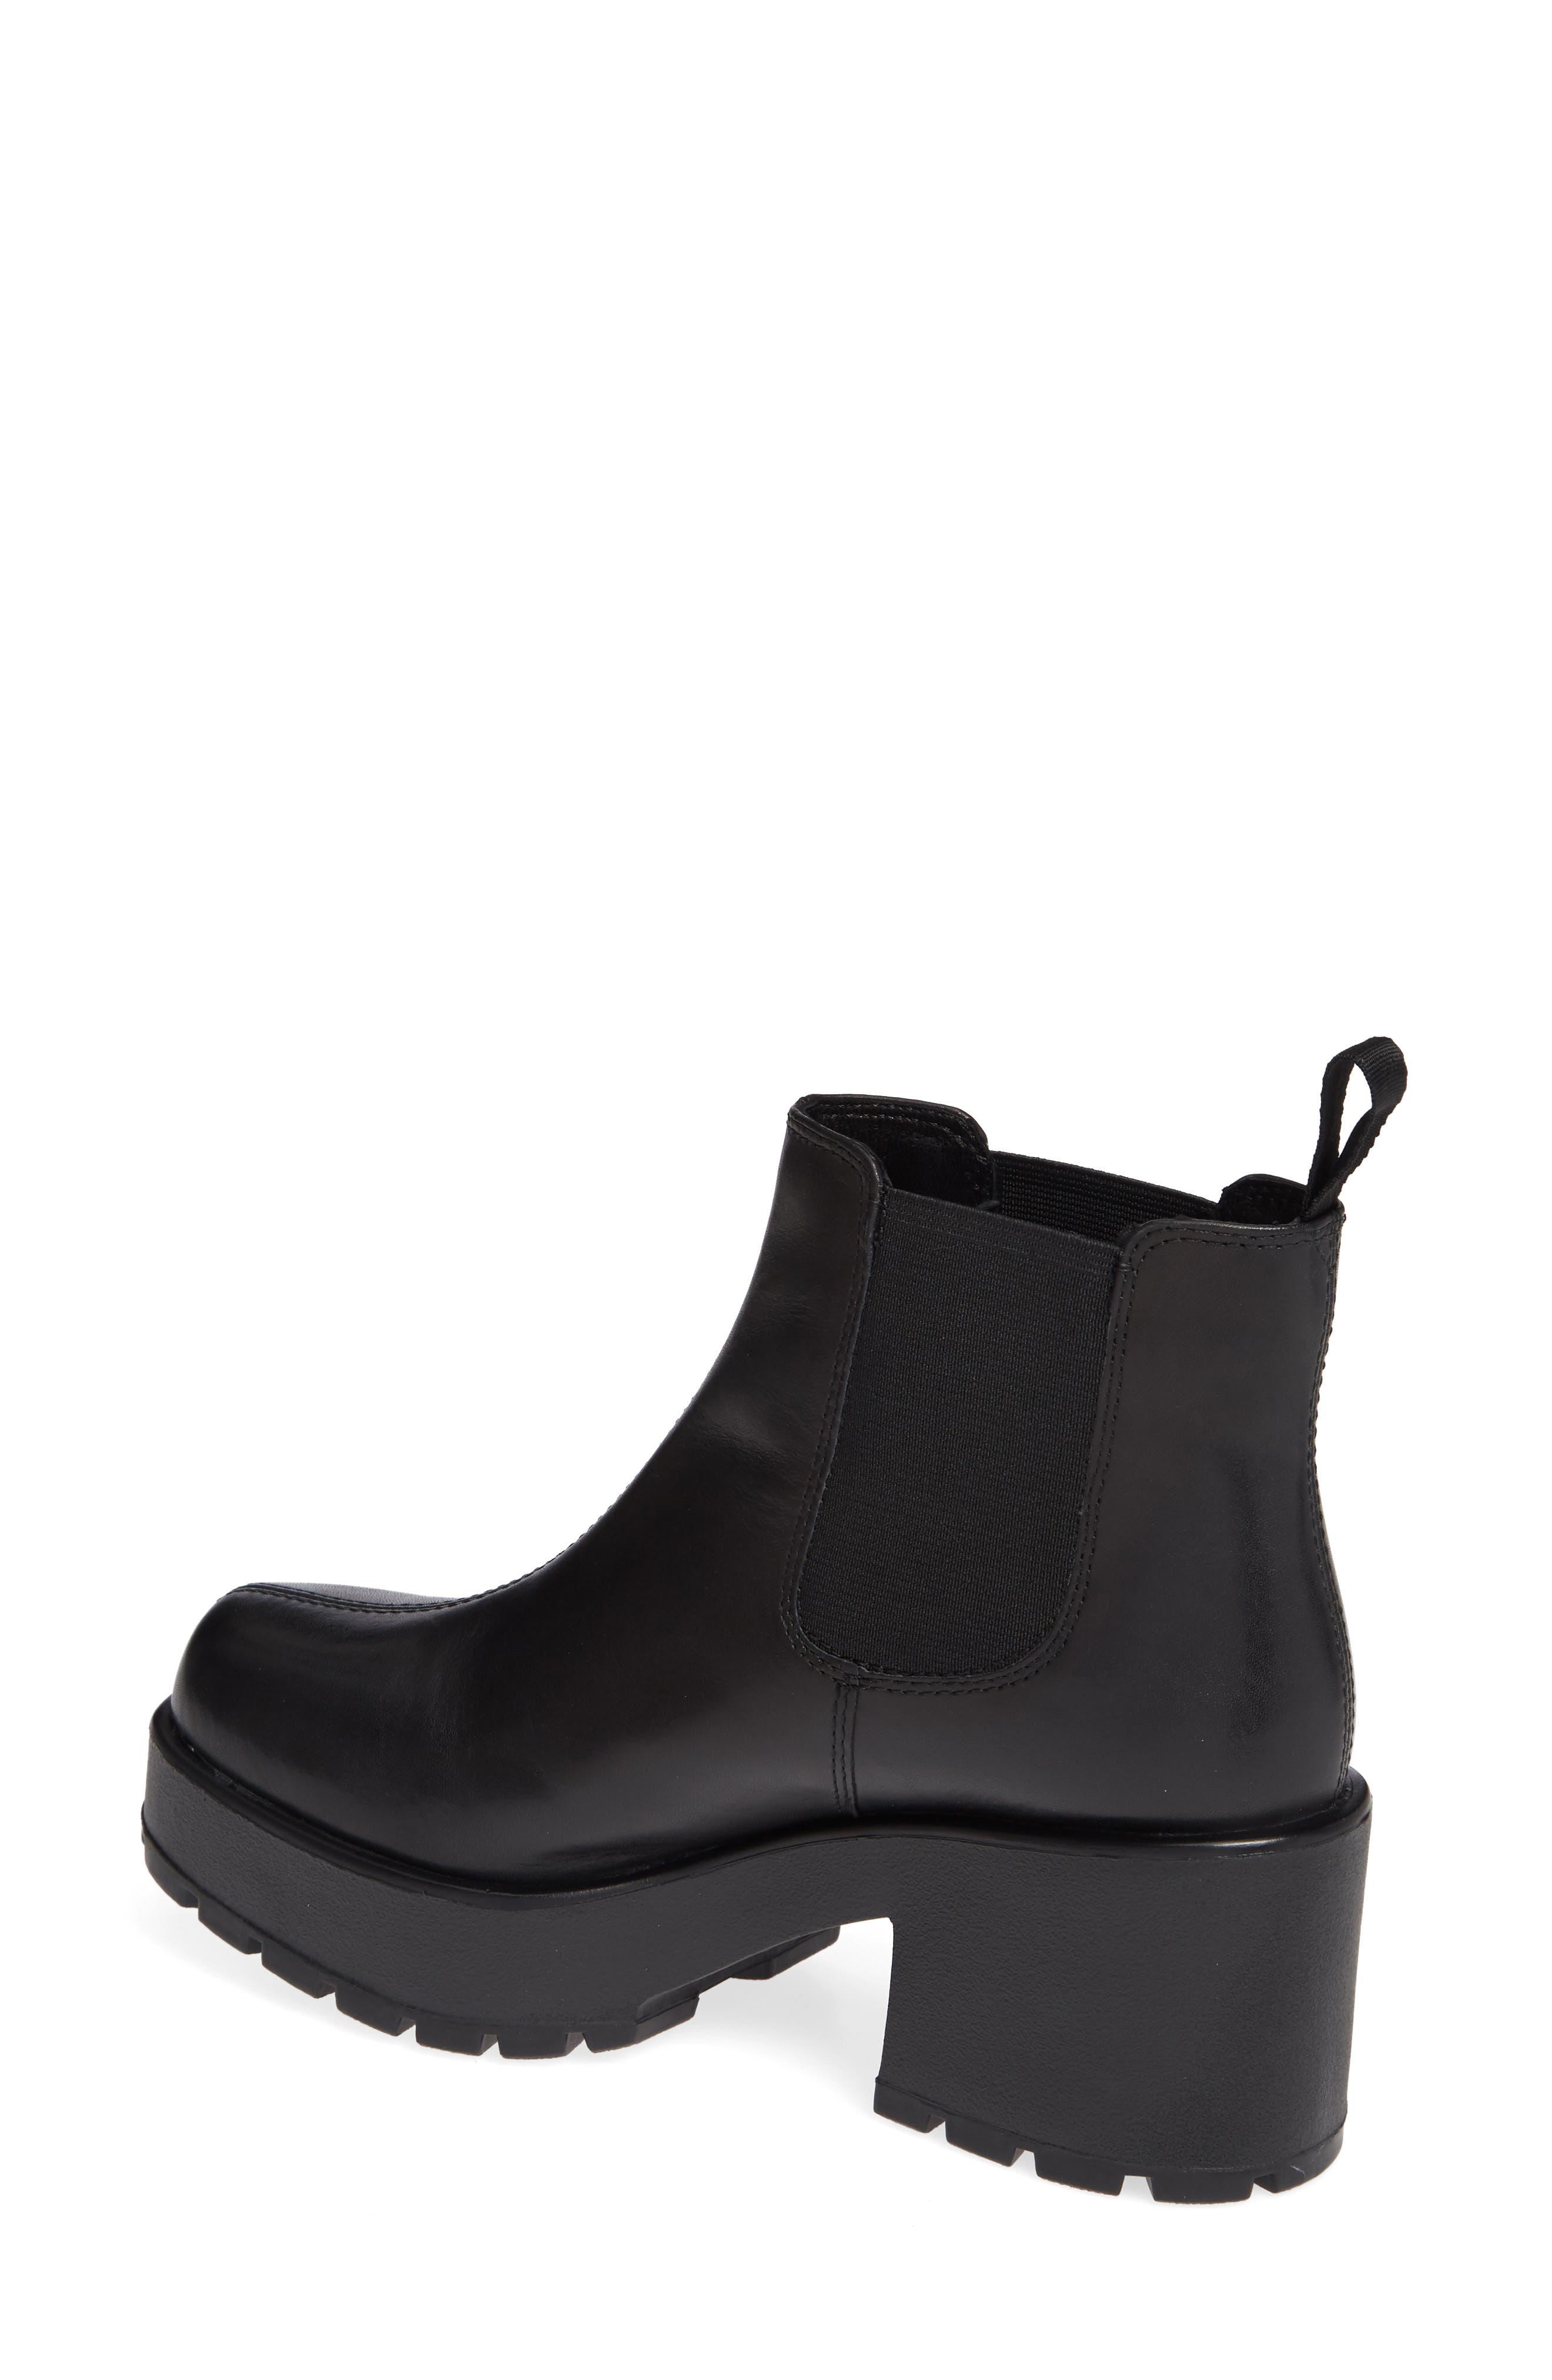 VAGABOND,                             Shoemakers Dioon Platform Chelsea Bootie,                             Alternate thumbnail 2, color,                             BLACK LEATHER